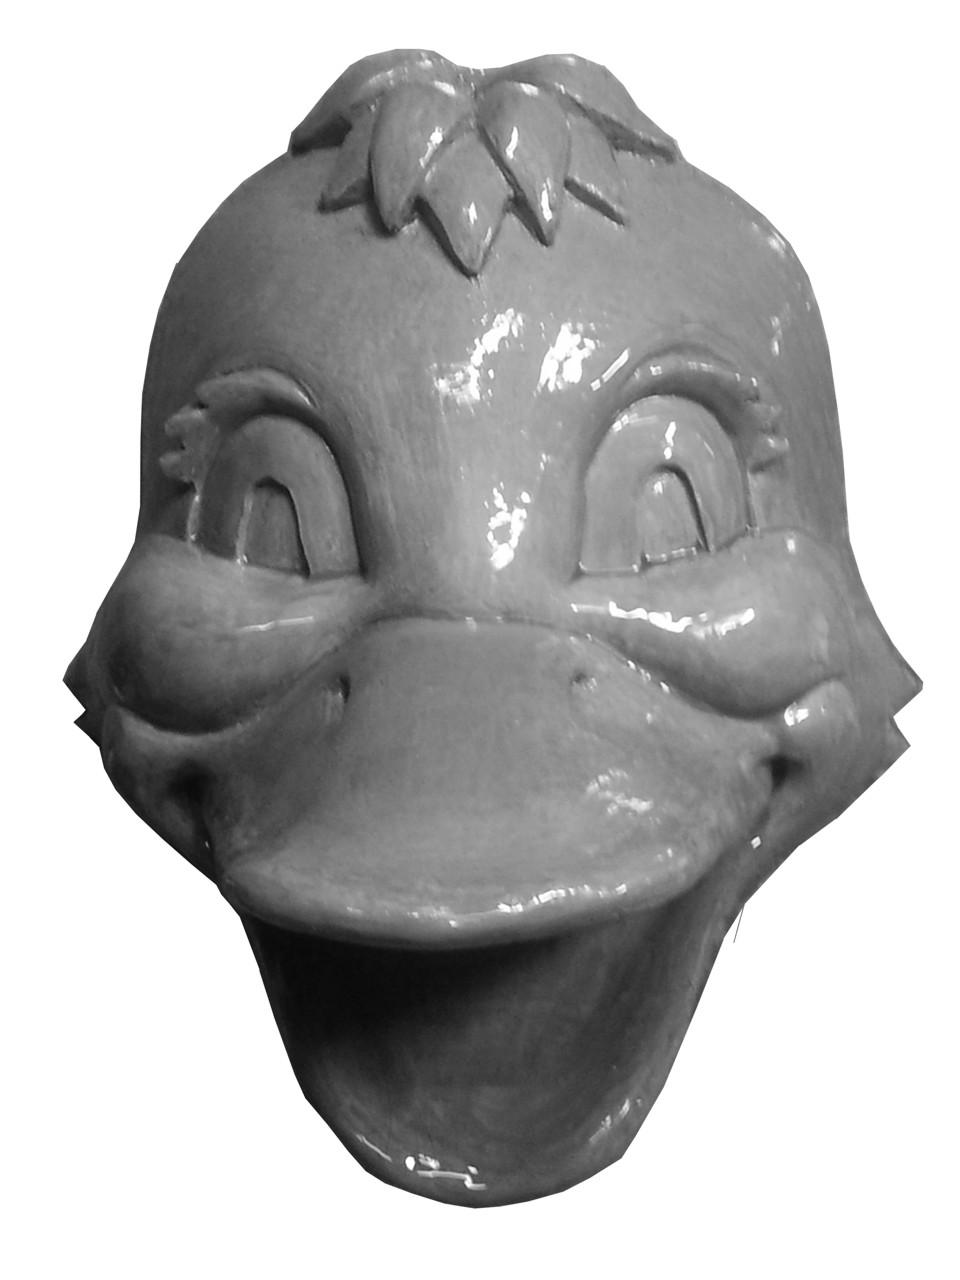 lucky duck 02